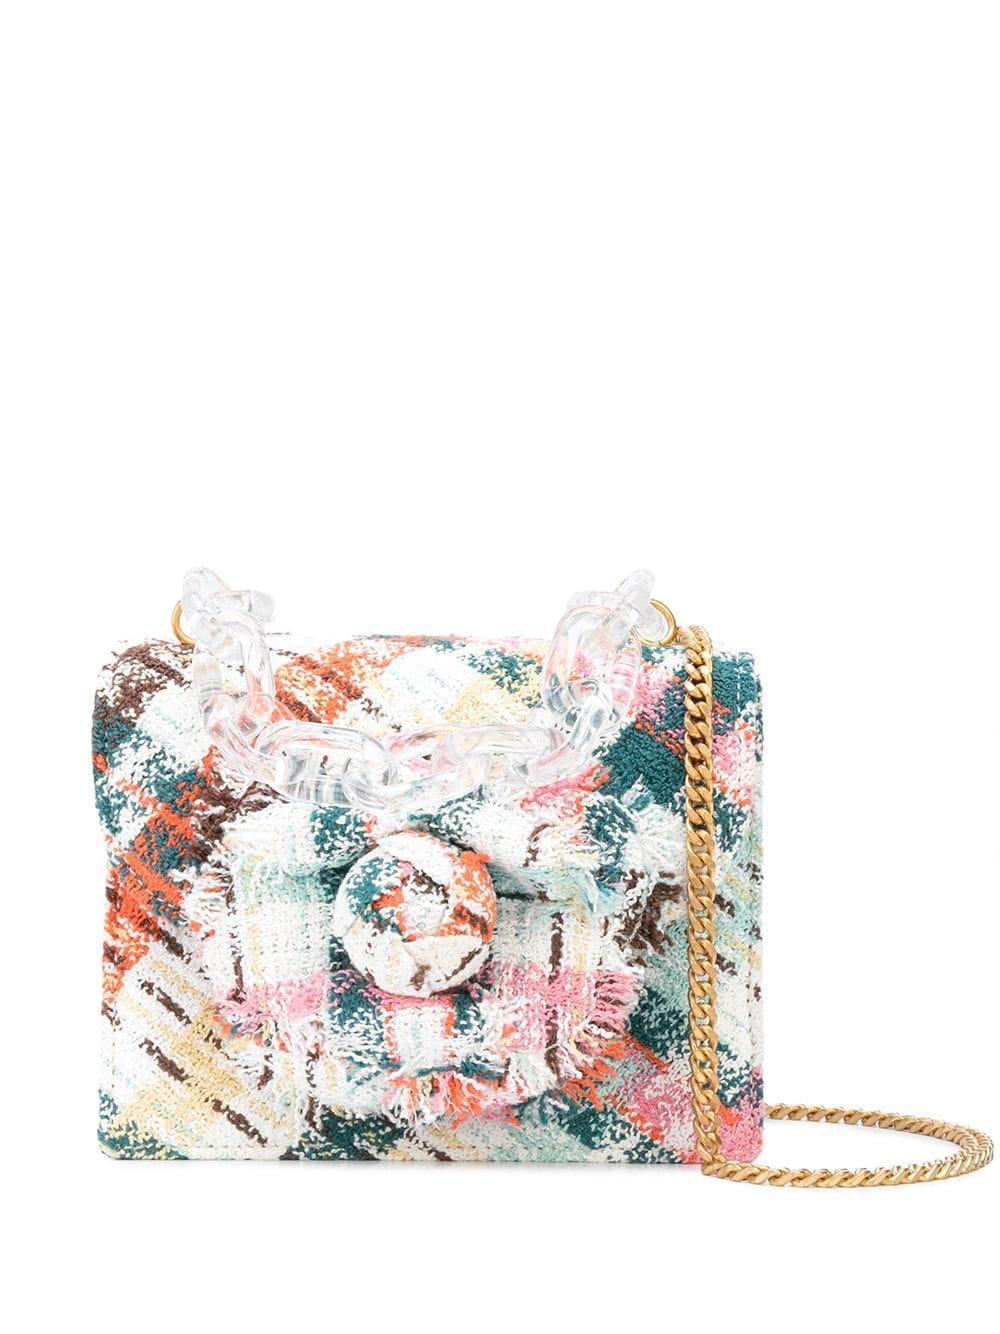 Mini Tro Plaid Tweed Bag With Chain Item # 20SH223PTD